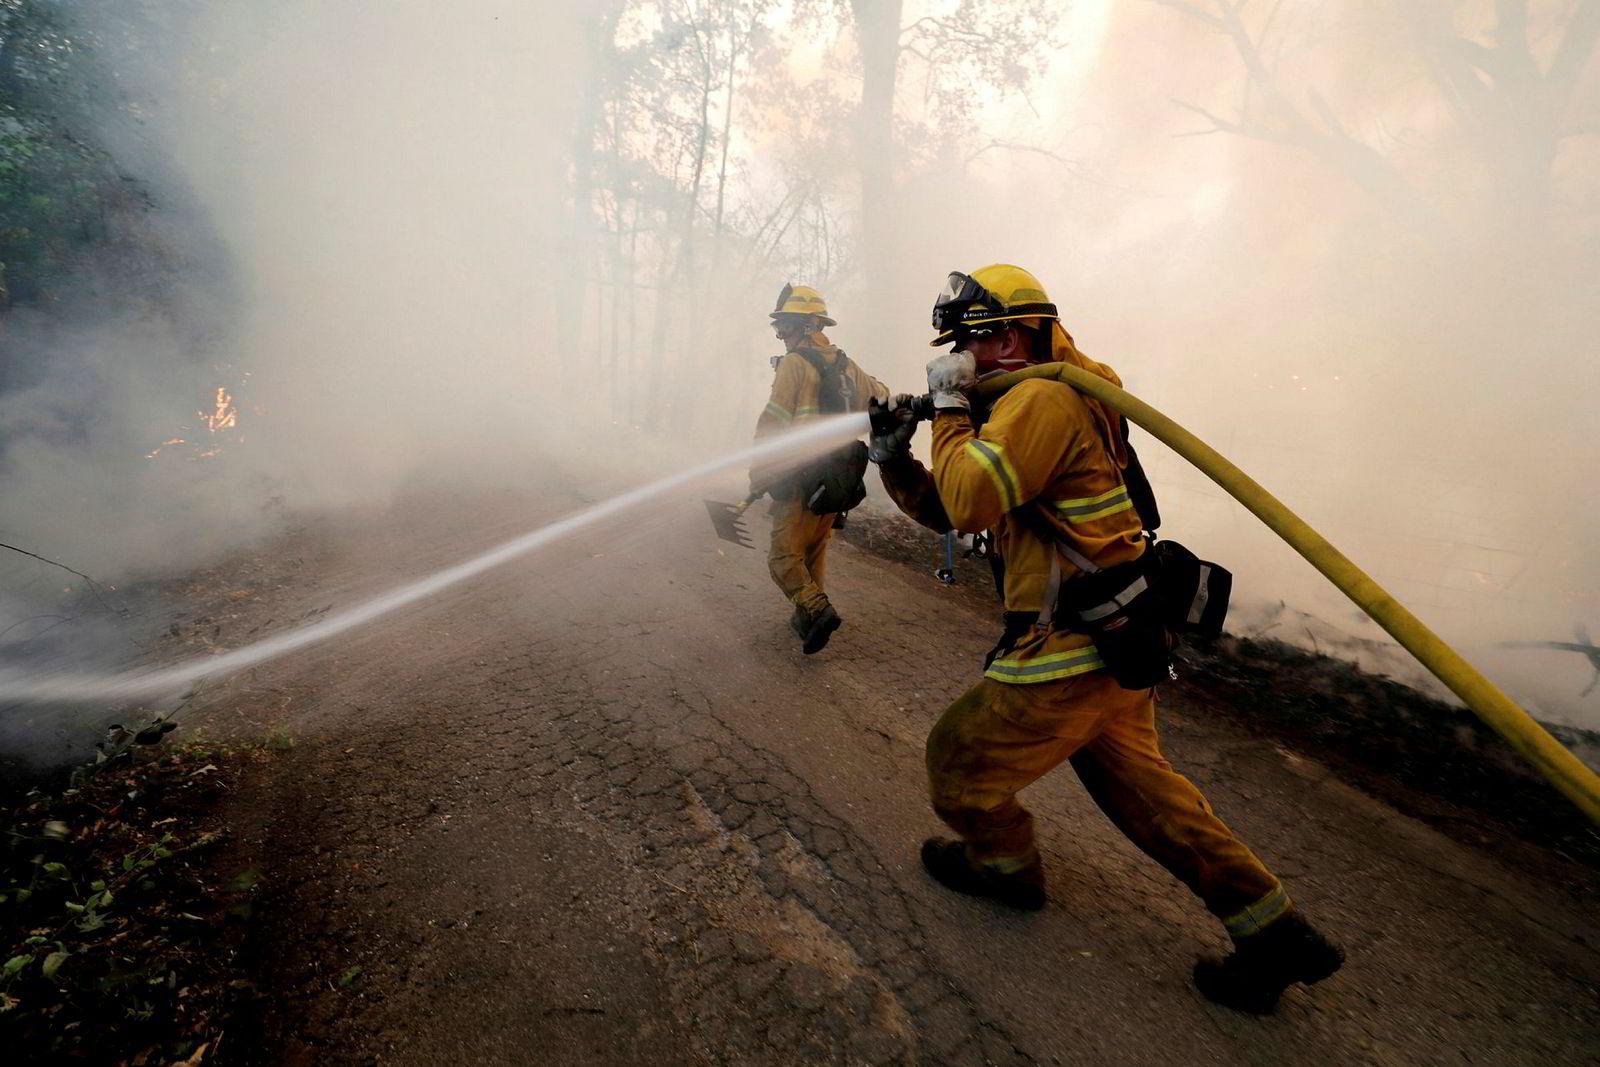 – Det er surrealistisk. Det er utmattende. Mange jobber nå med å bekjempe flammene mer enn 30 dager i strekk uten å få dratt hjem, sa Steve Kaufmann, talsperson for brannvesenet i California, til Los Angeles Times. Bildet viser en brannmann som prøver å stanse spredningen av River-brannen, den ene av to branner som utgjør Mendocino-komplekset.